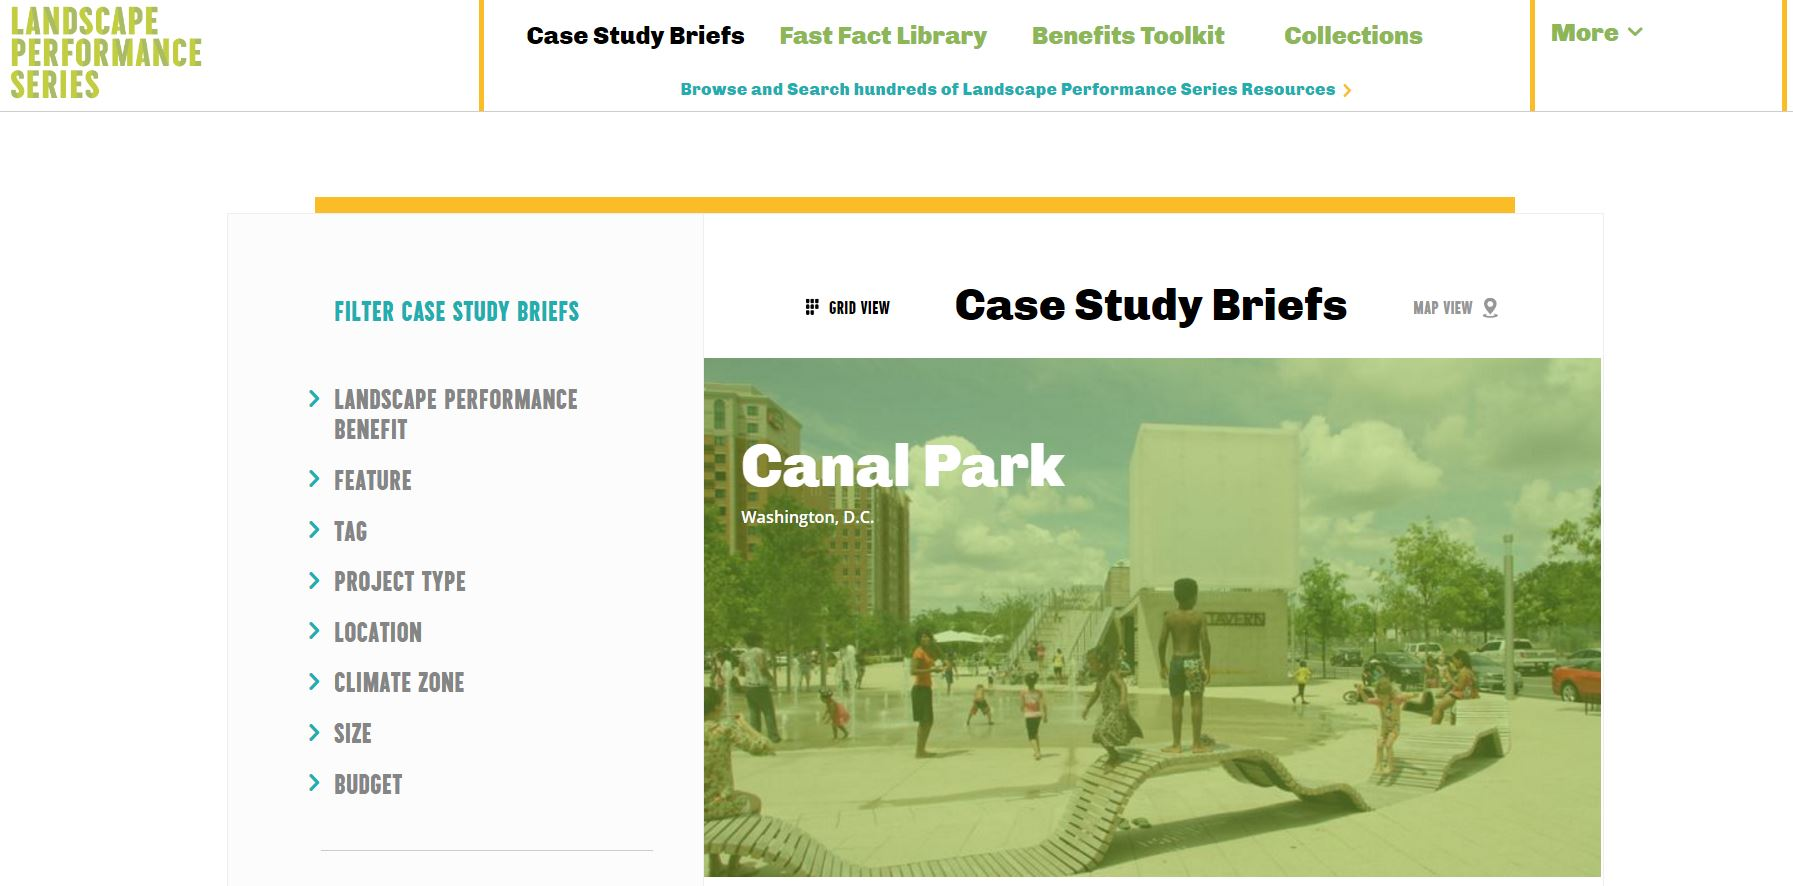 Case Study Briefs